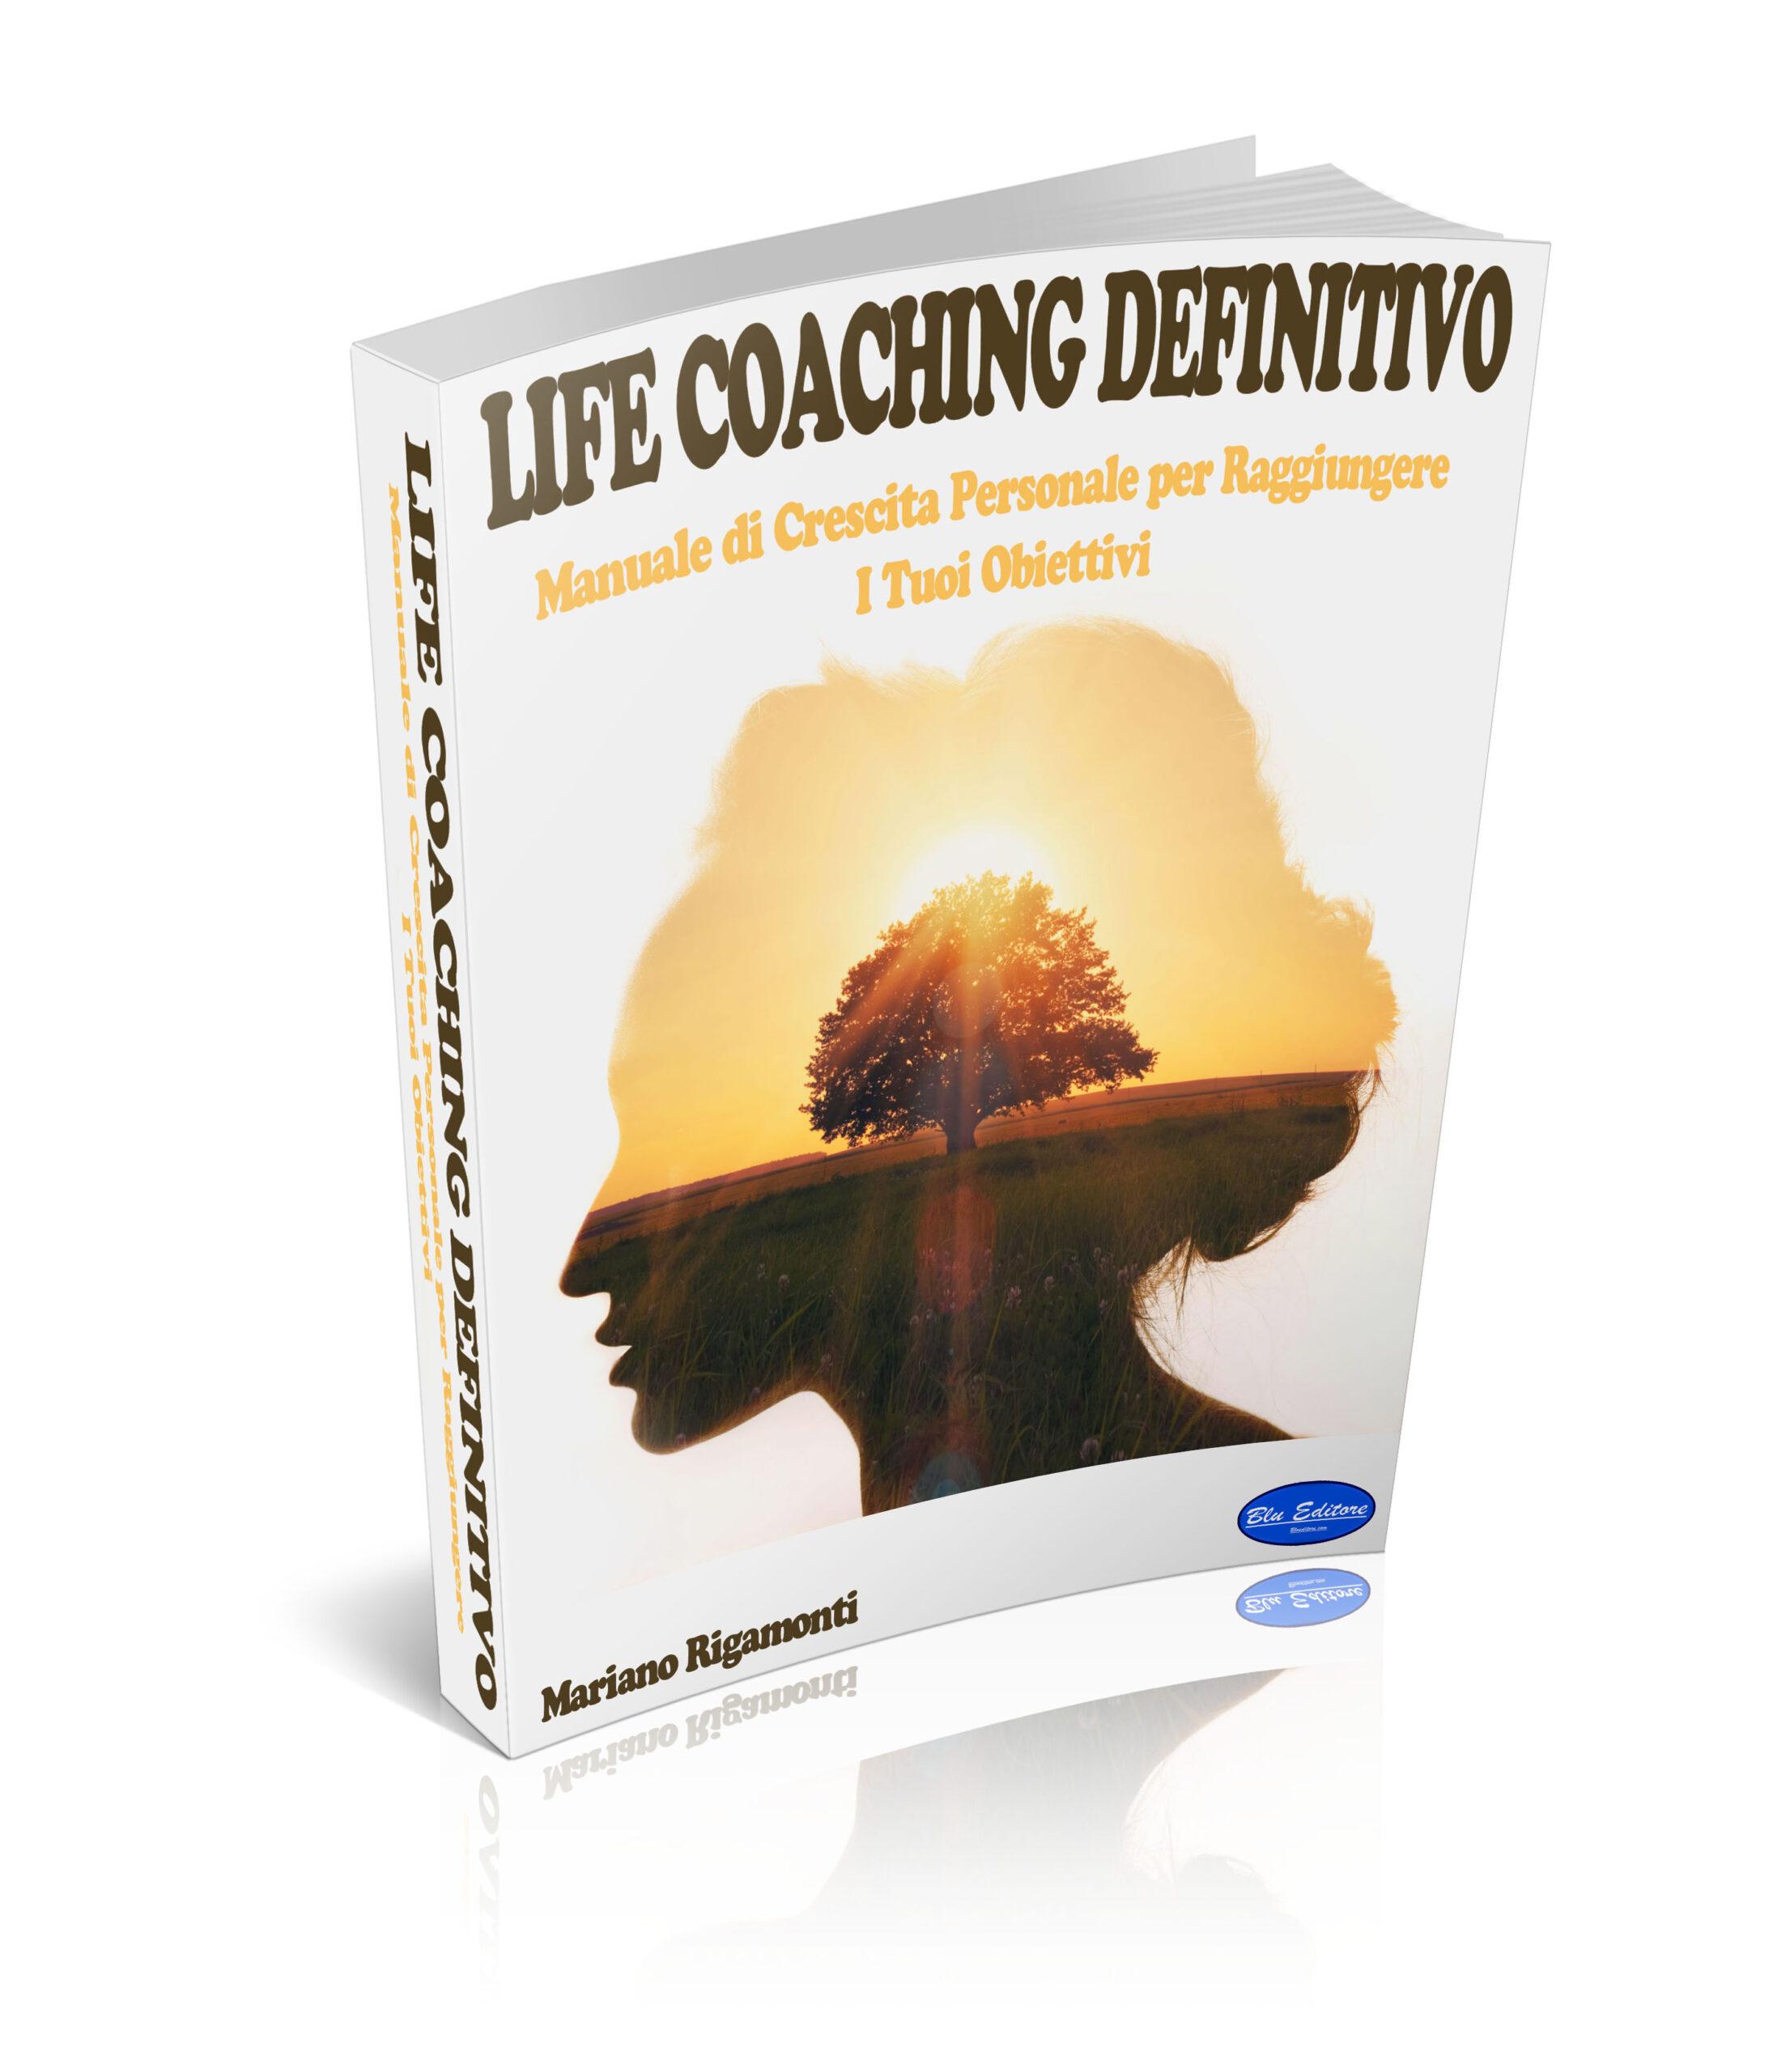 Life Coaching Definitivo